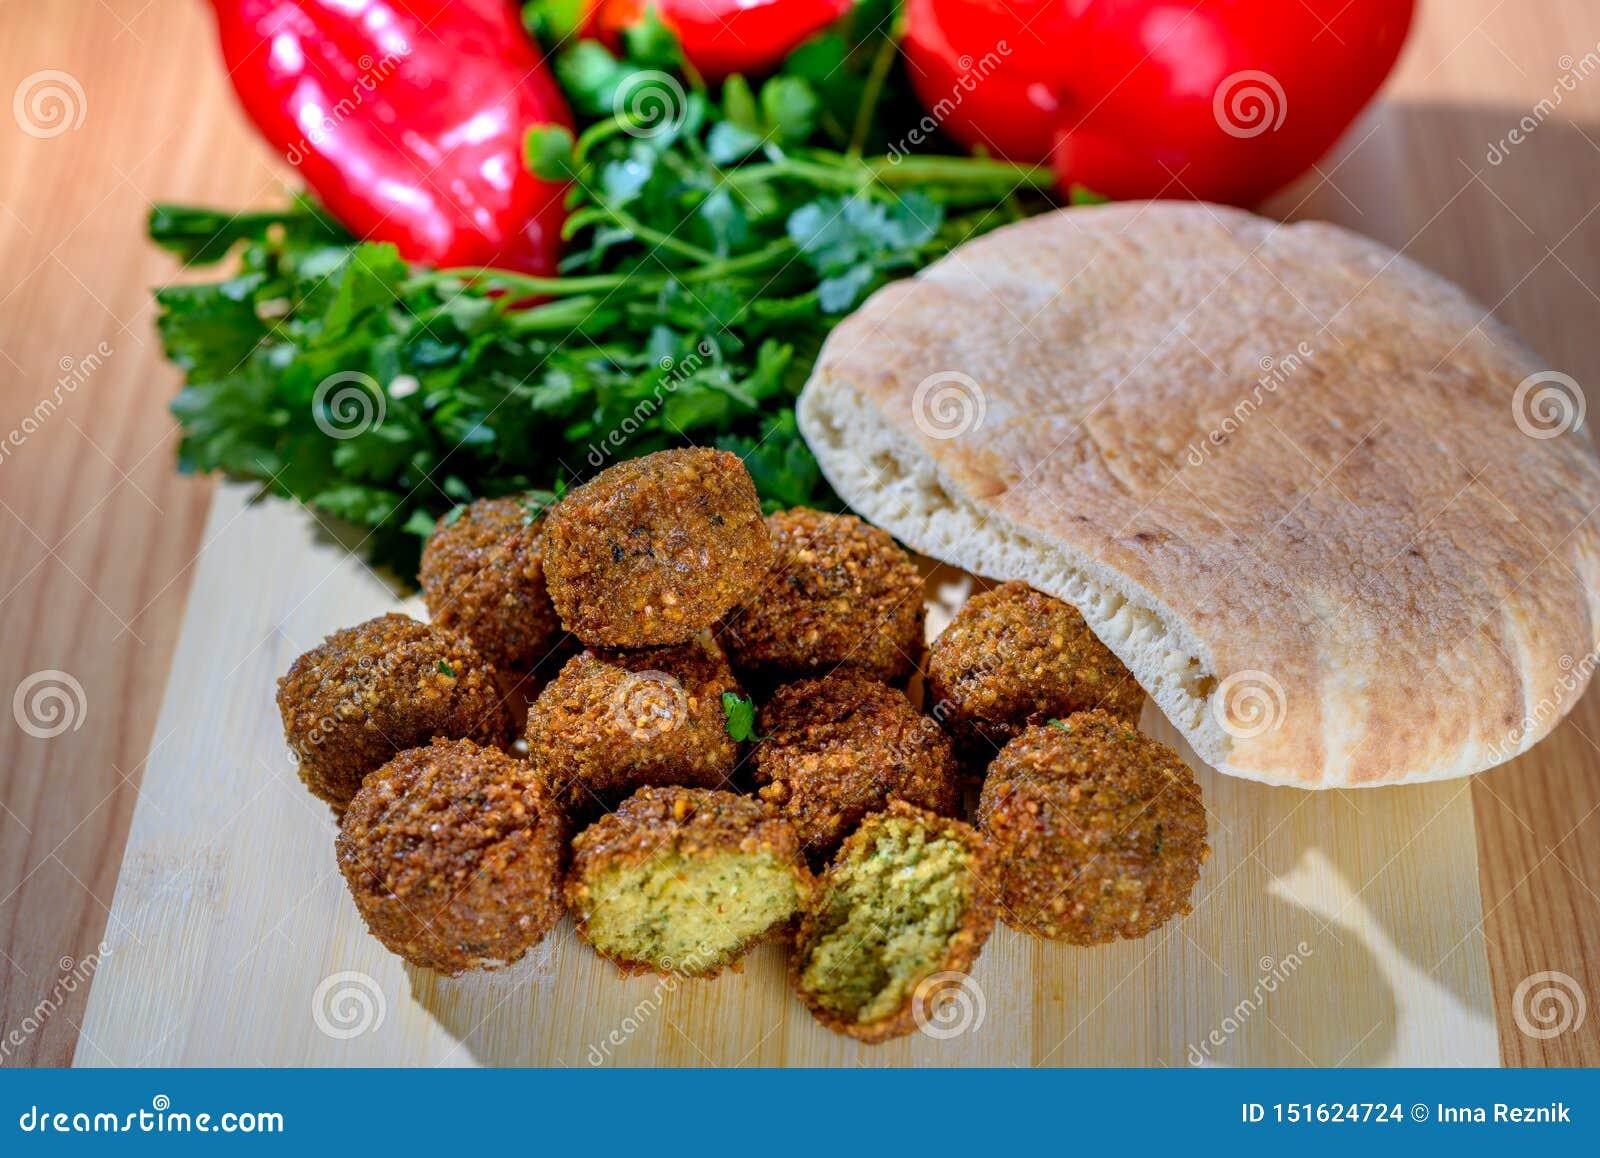 Bolas do Falafel, pimenta vermelha doce, pão pão árabe-árabe e salsa fresca verde no fundo rústico de madeira